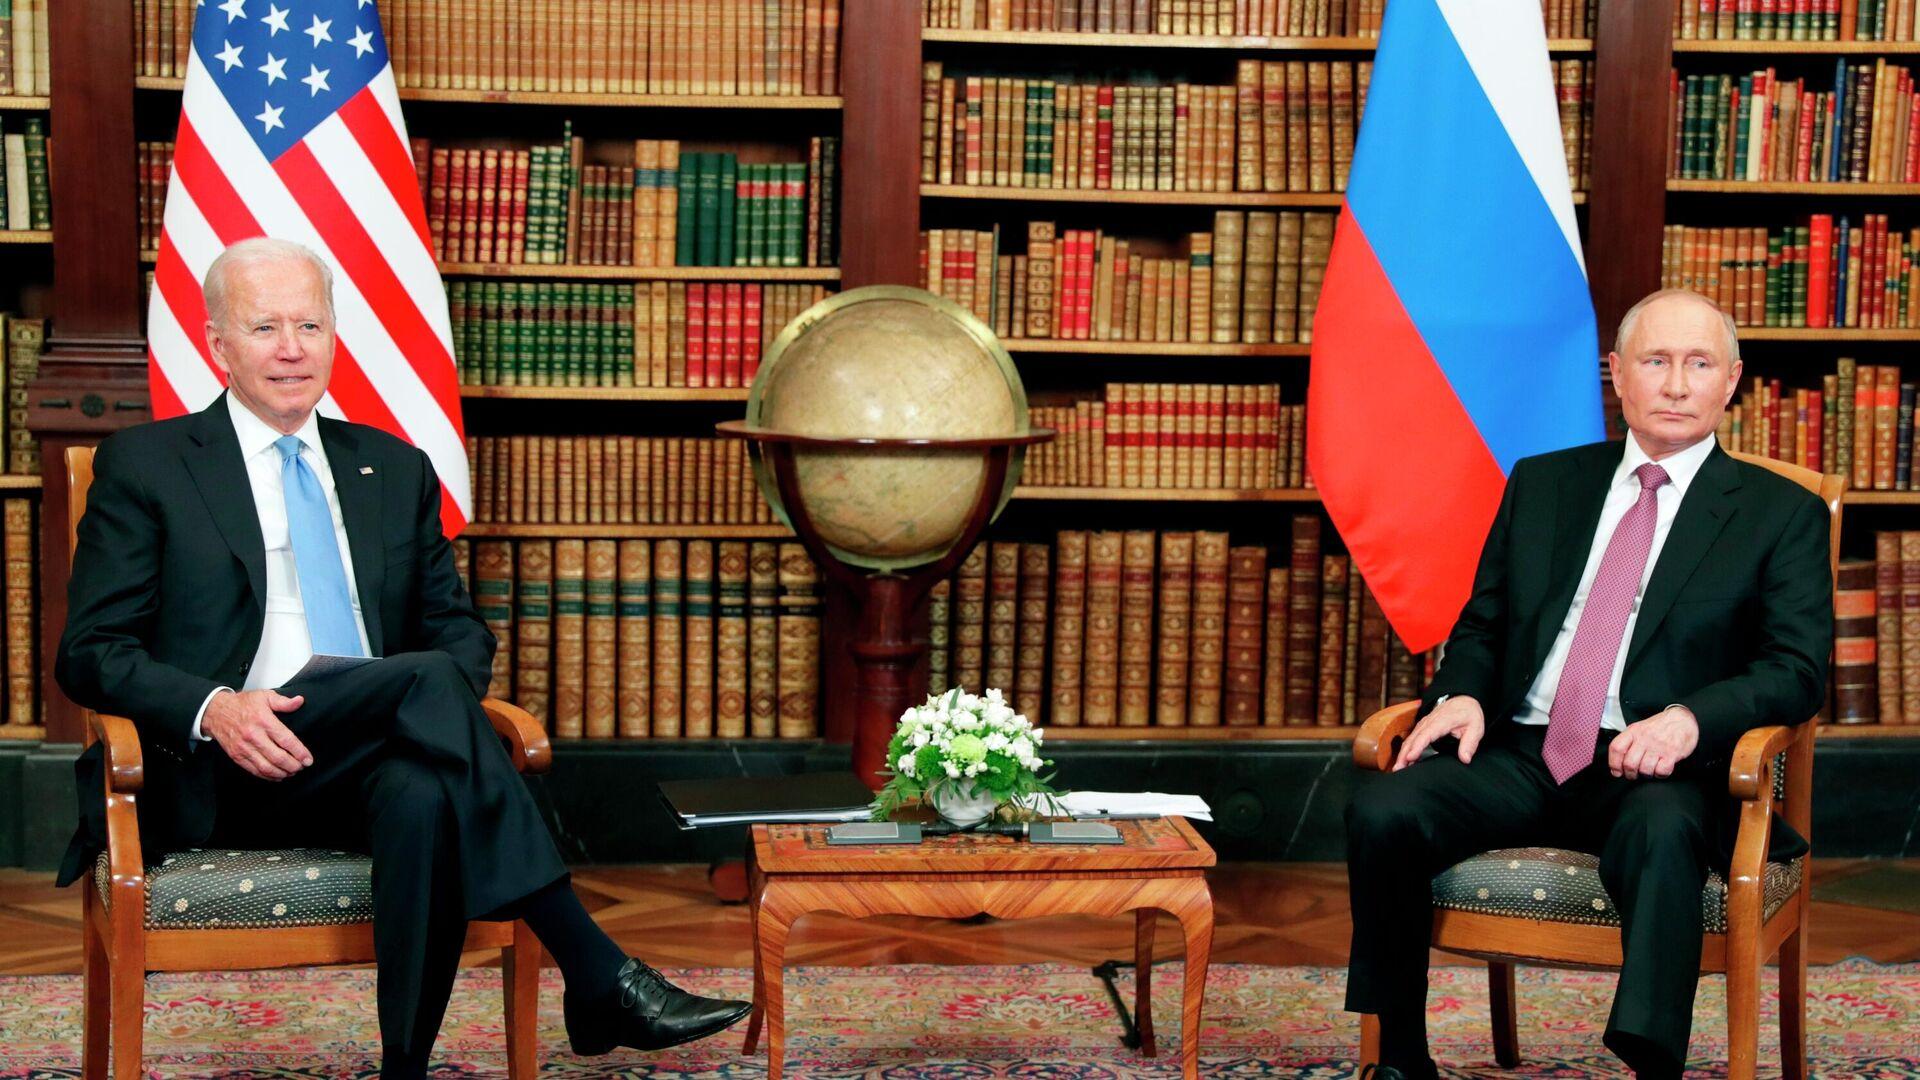 El presidente estadounidense, Joe Biden, y el presidente de Rusia, Vladímir Putin - Sputnik Mundo, 1920, 22.07.2021